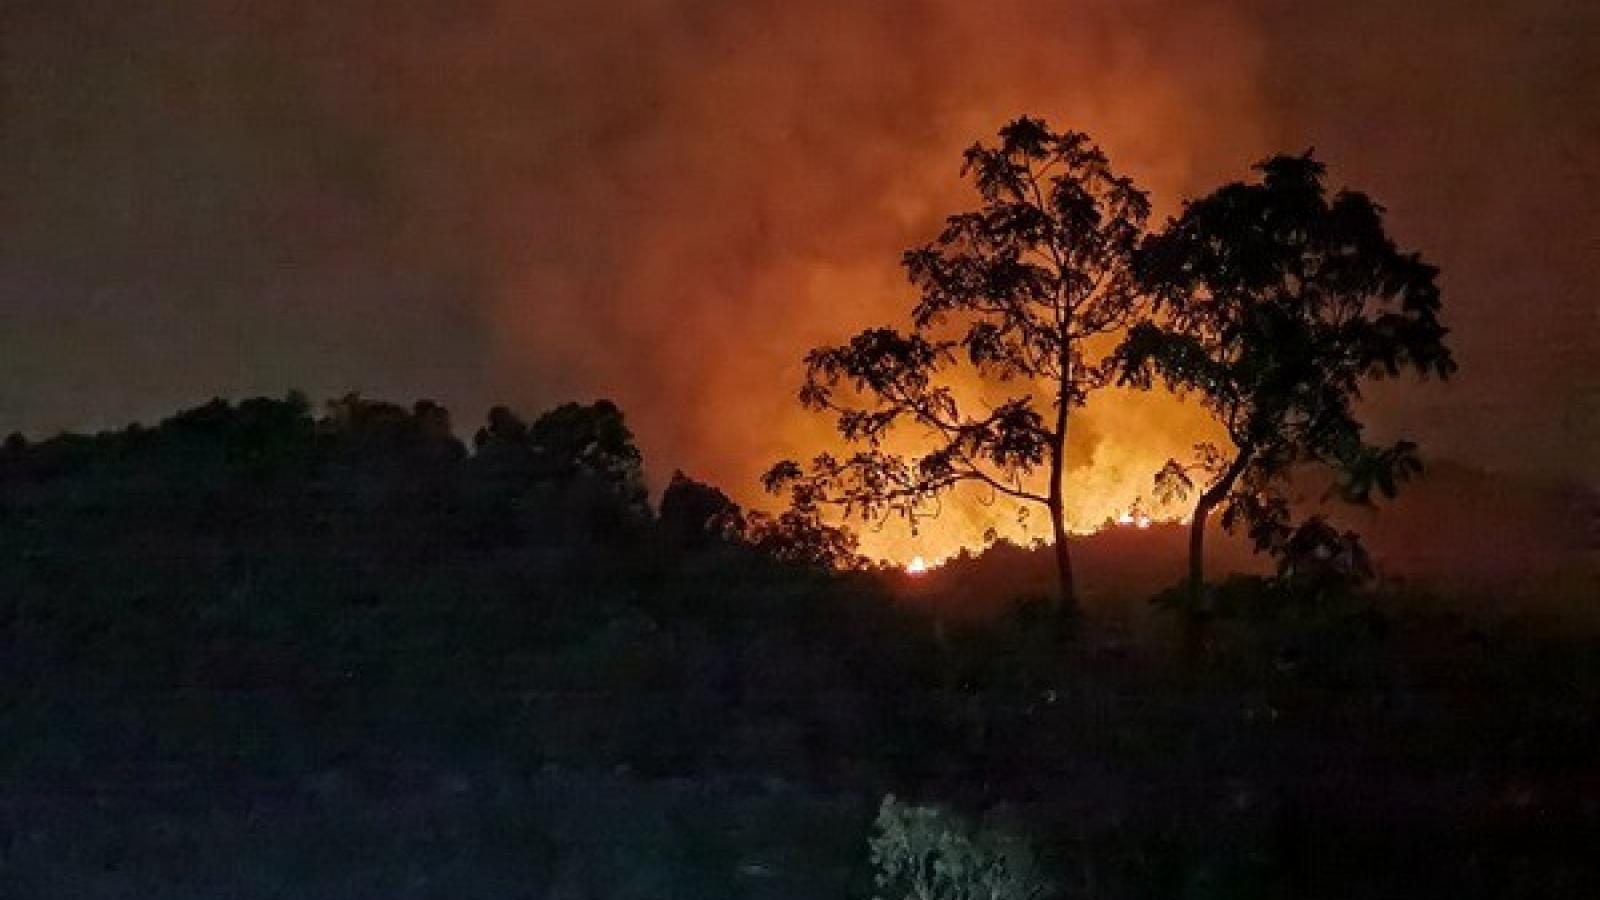 Vụ cháy rừng ở Đà Nẵng: Tiếp tục lan rộng, chưa thể khống chế